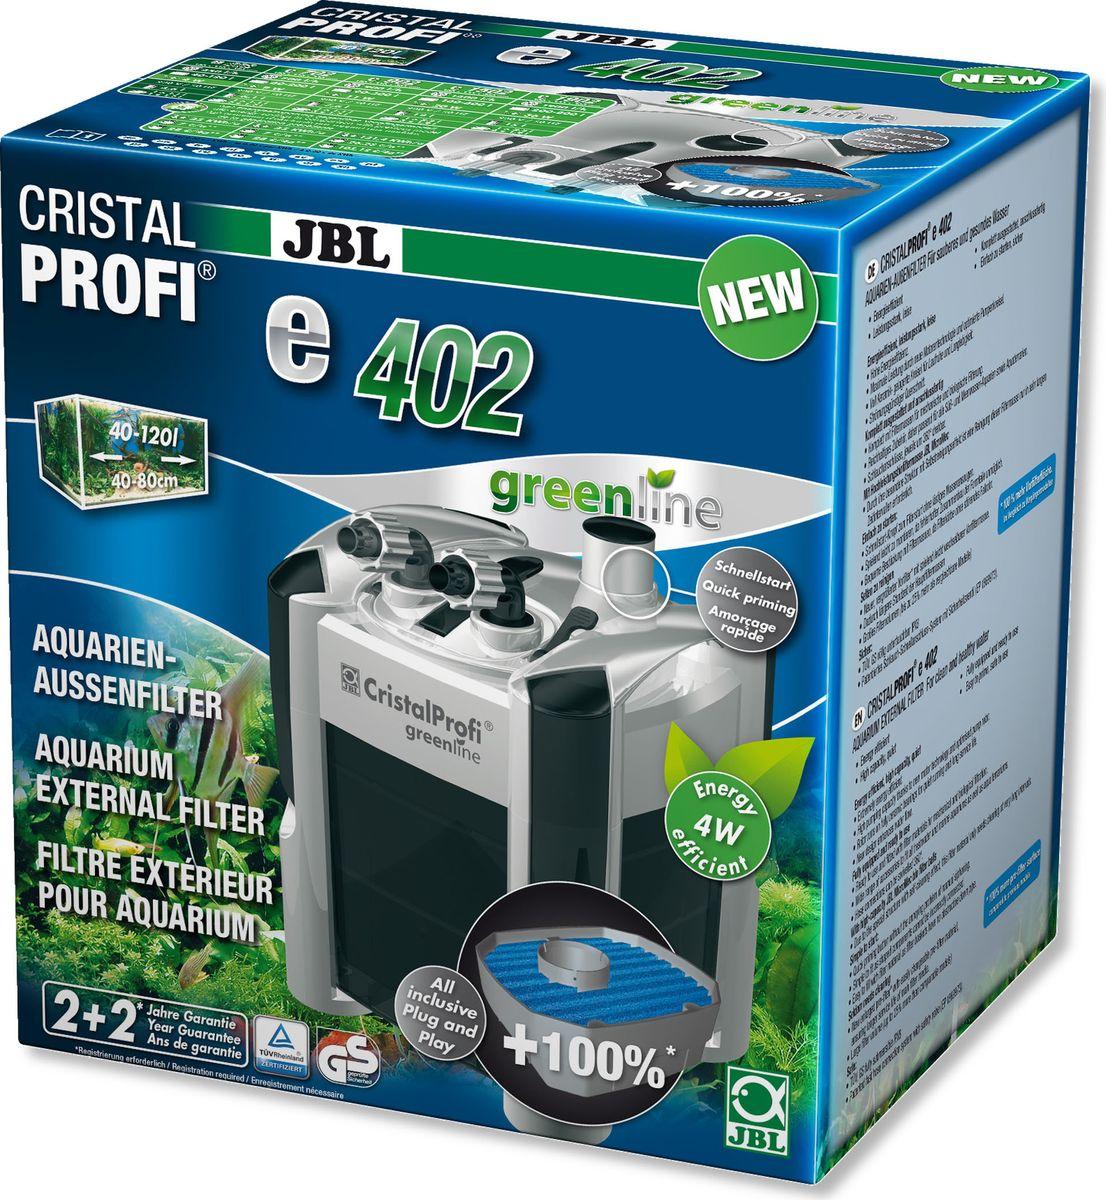 Фильтр внешний JBL CristalProfi e402 greenline +, для аквариумов объемом 40-120 л грунтовый термокабель jbl protemp b60 с трансформатором для аквариумов более 150см 60вт